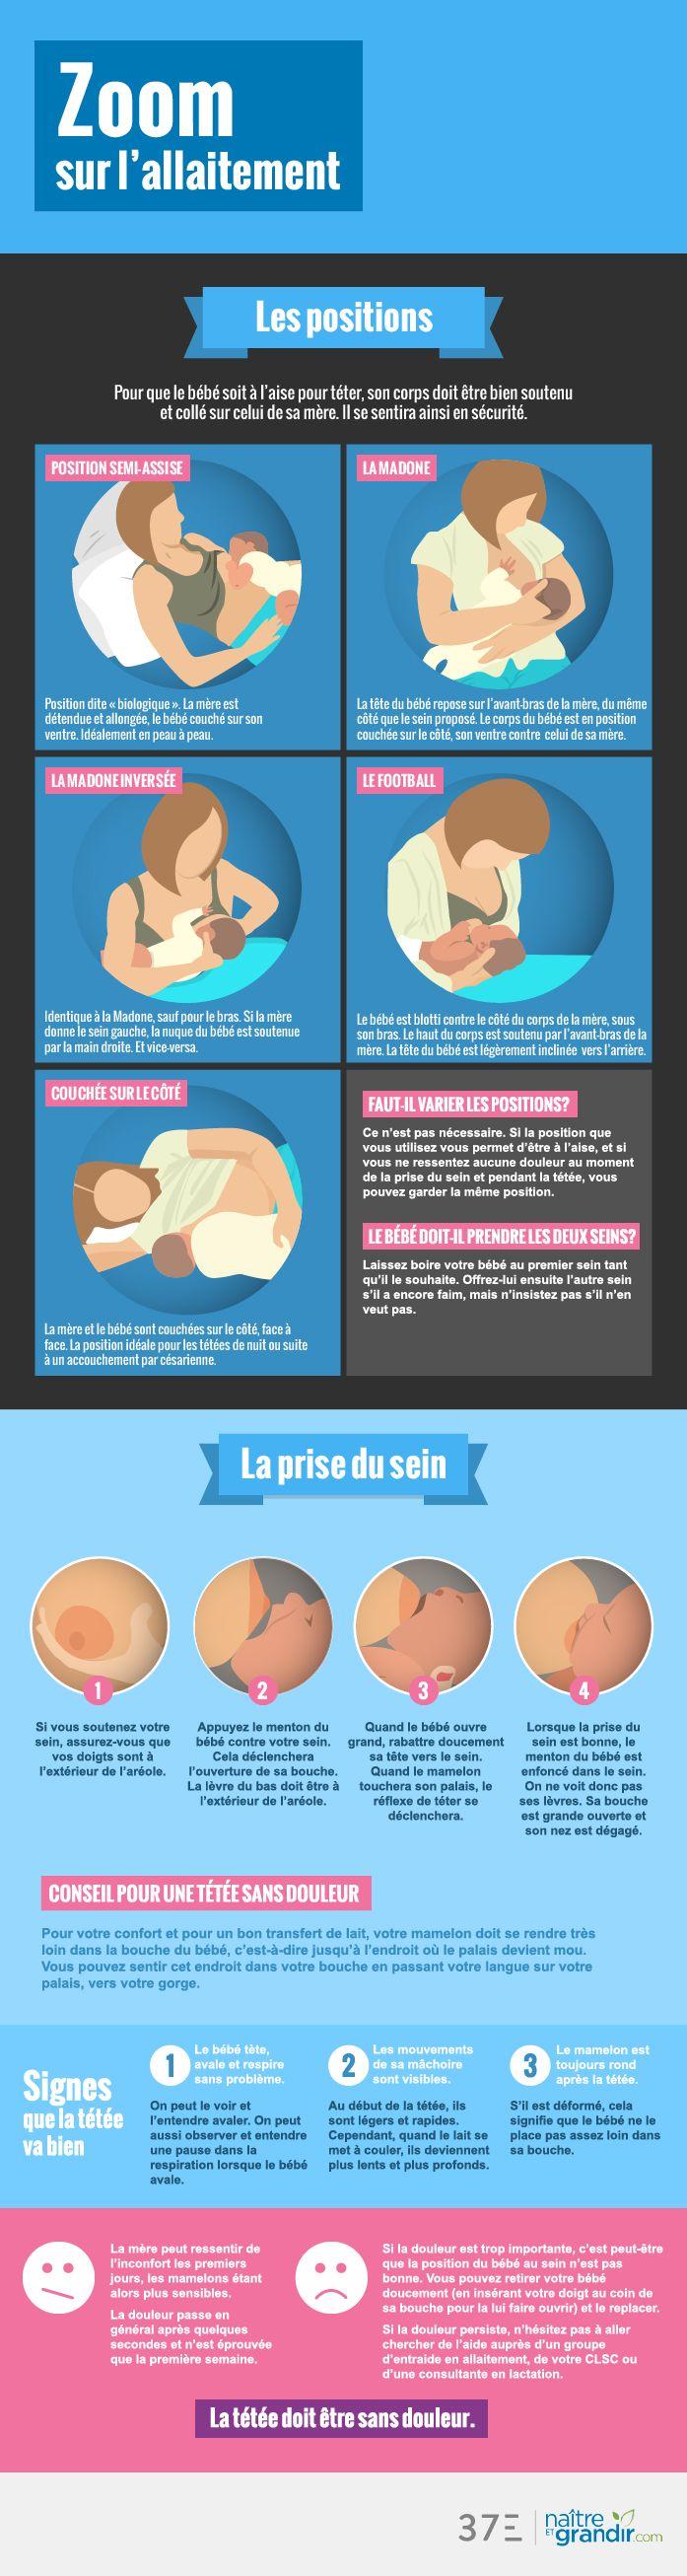 Zoom sur l'allaitement: les positions, la prise du sein...